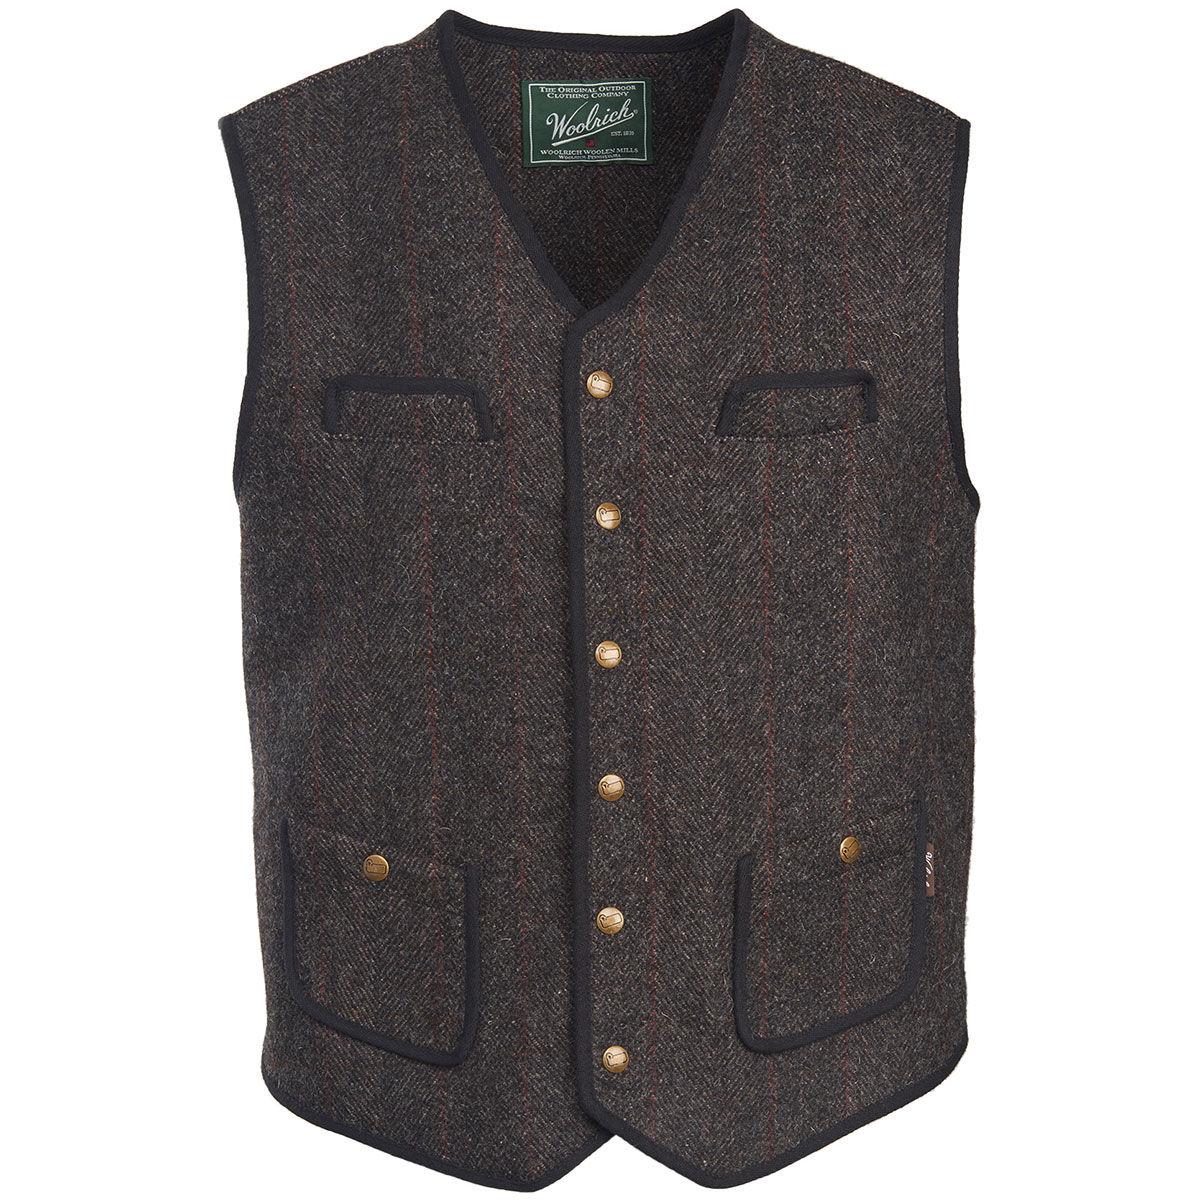 Woolrich Utility Wool Vest